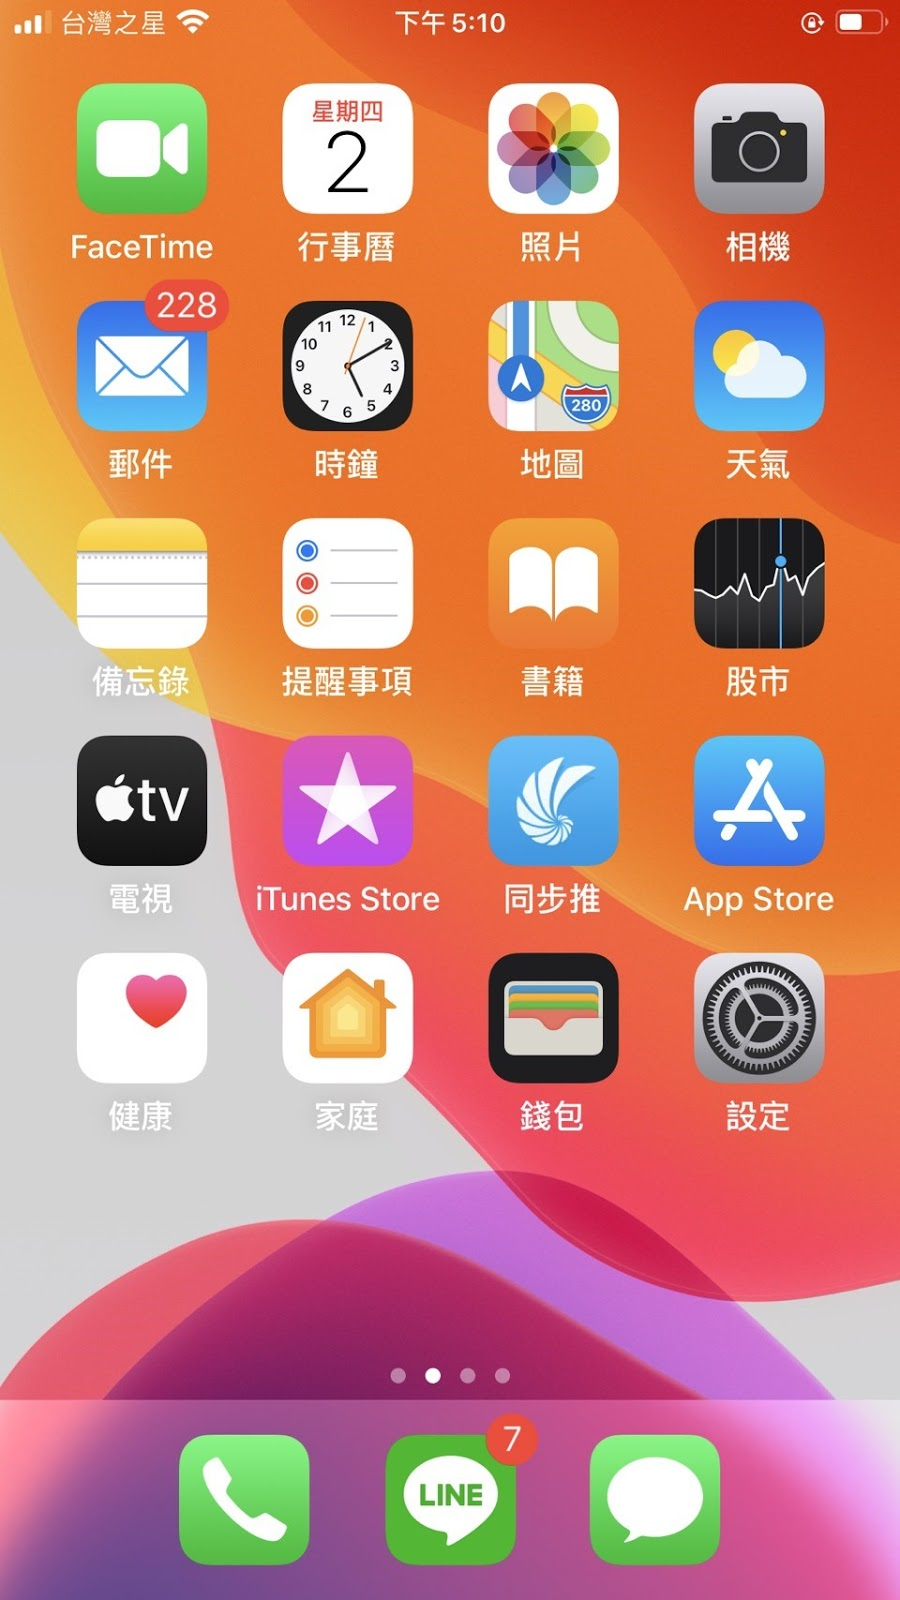 iPhone手機APP圖示按不見了?如何找回。圖解說明 | 德志電腦